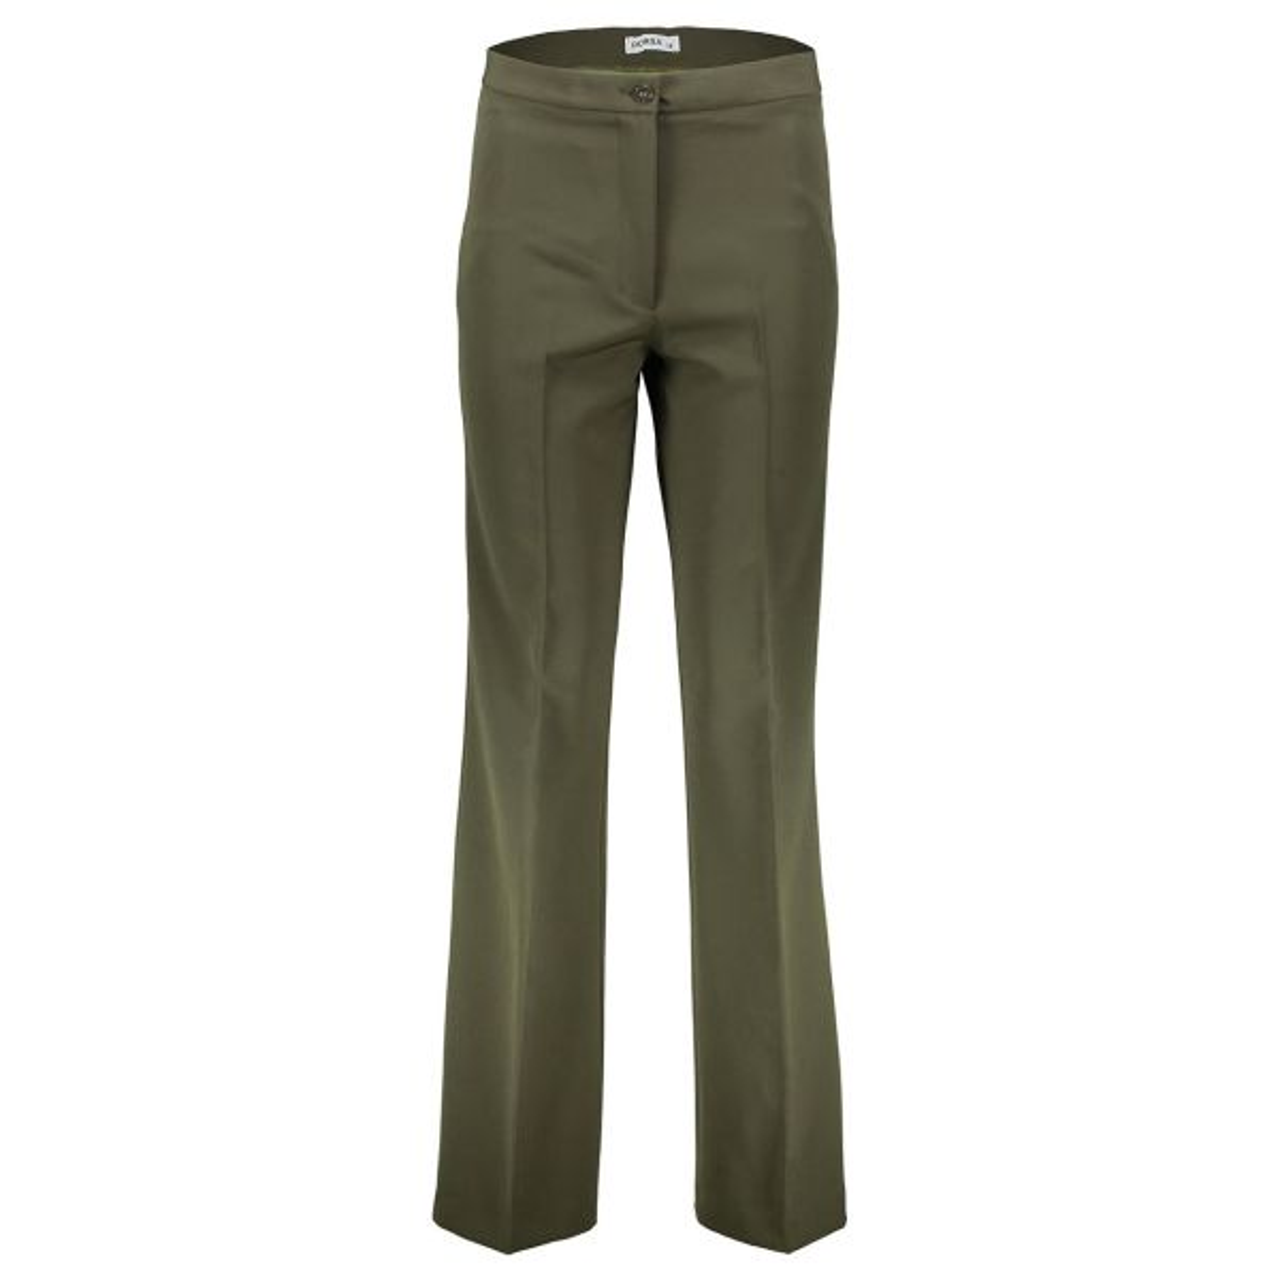 شلوار زنانه دمپا گشاد پارچه ای سبز مدل 198